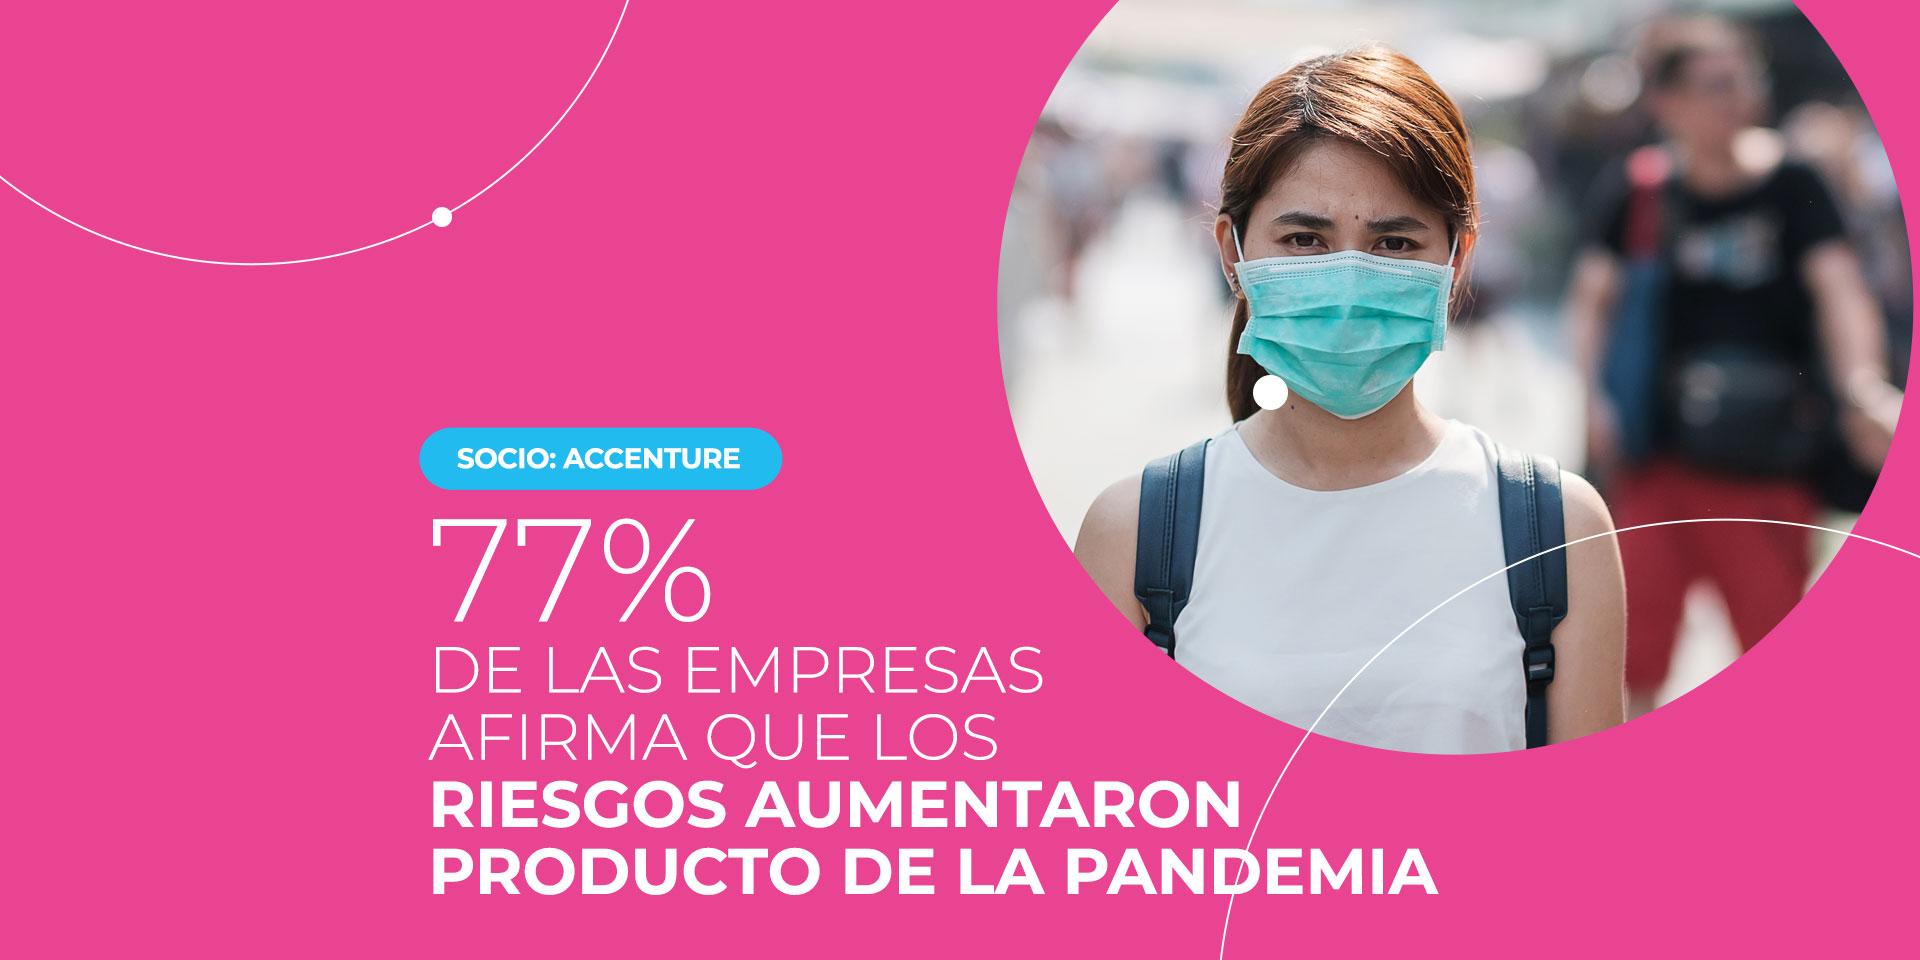 Accenture_estudio